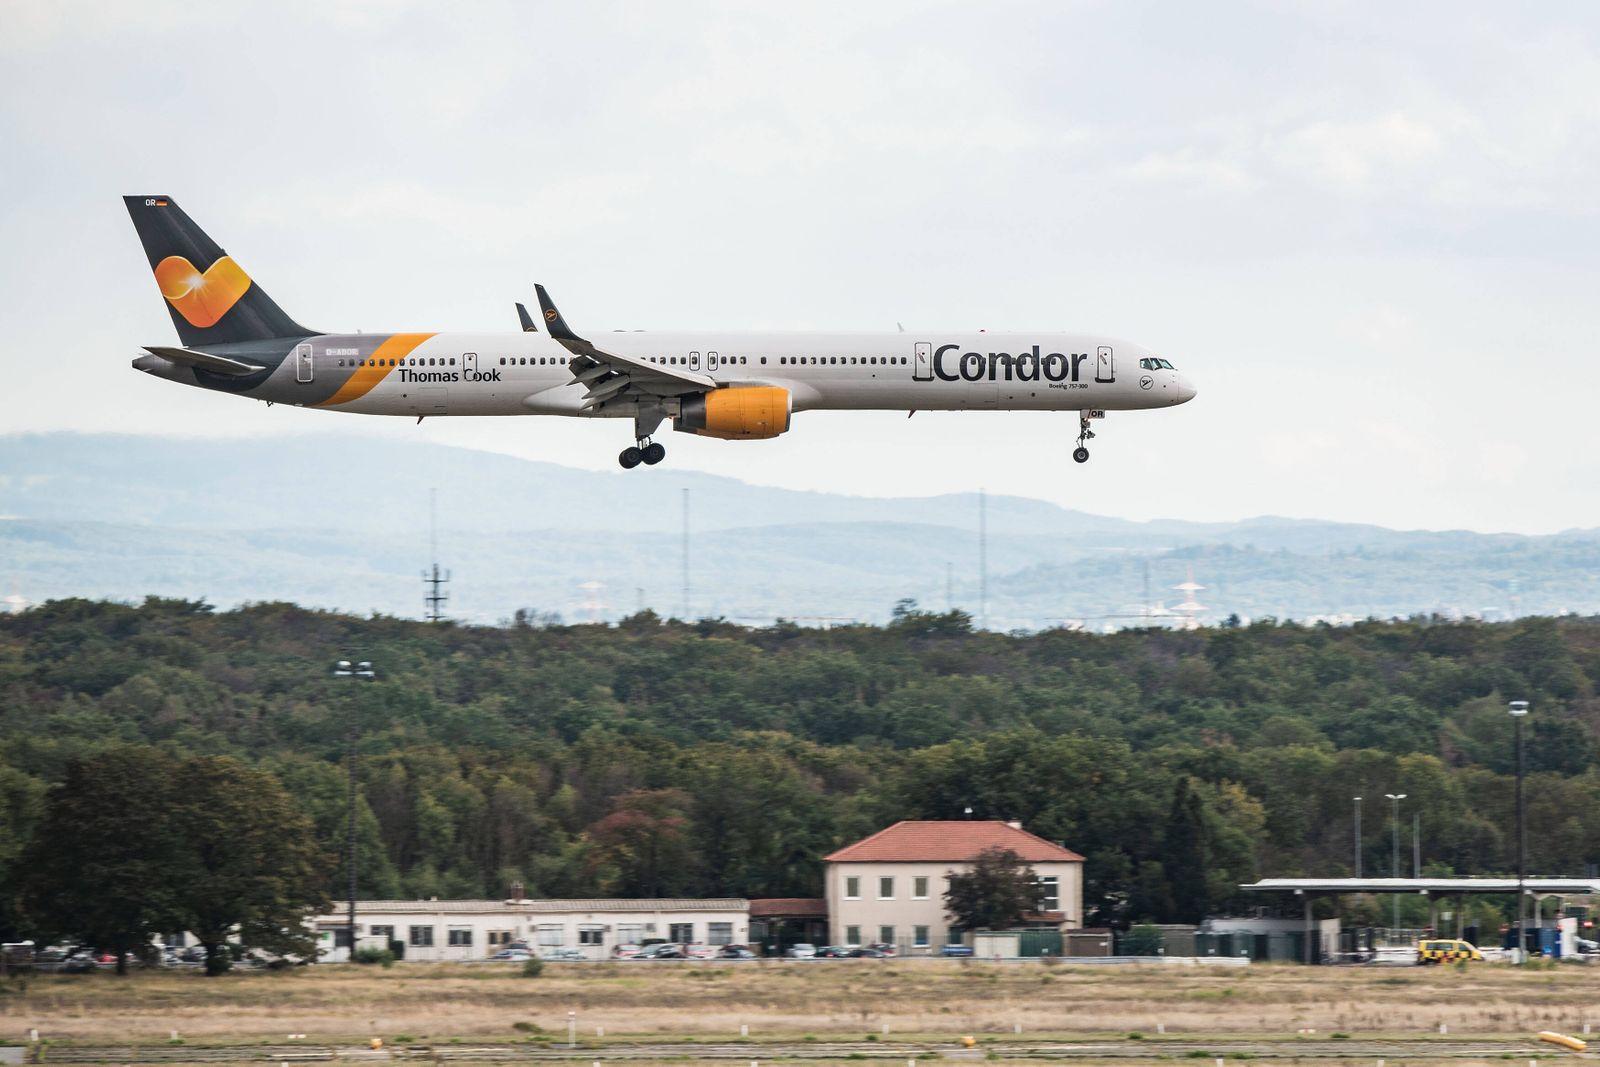 23.09.2019, xfux, Wirtschaft, Reiseveranstalter Thomas Cook meldet Insolvenz an - Tochter Condor am Flughafen Frankfurt